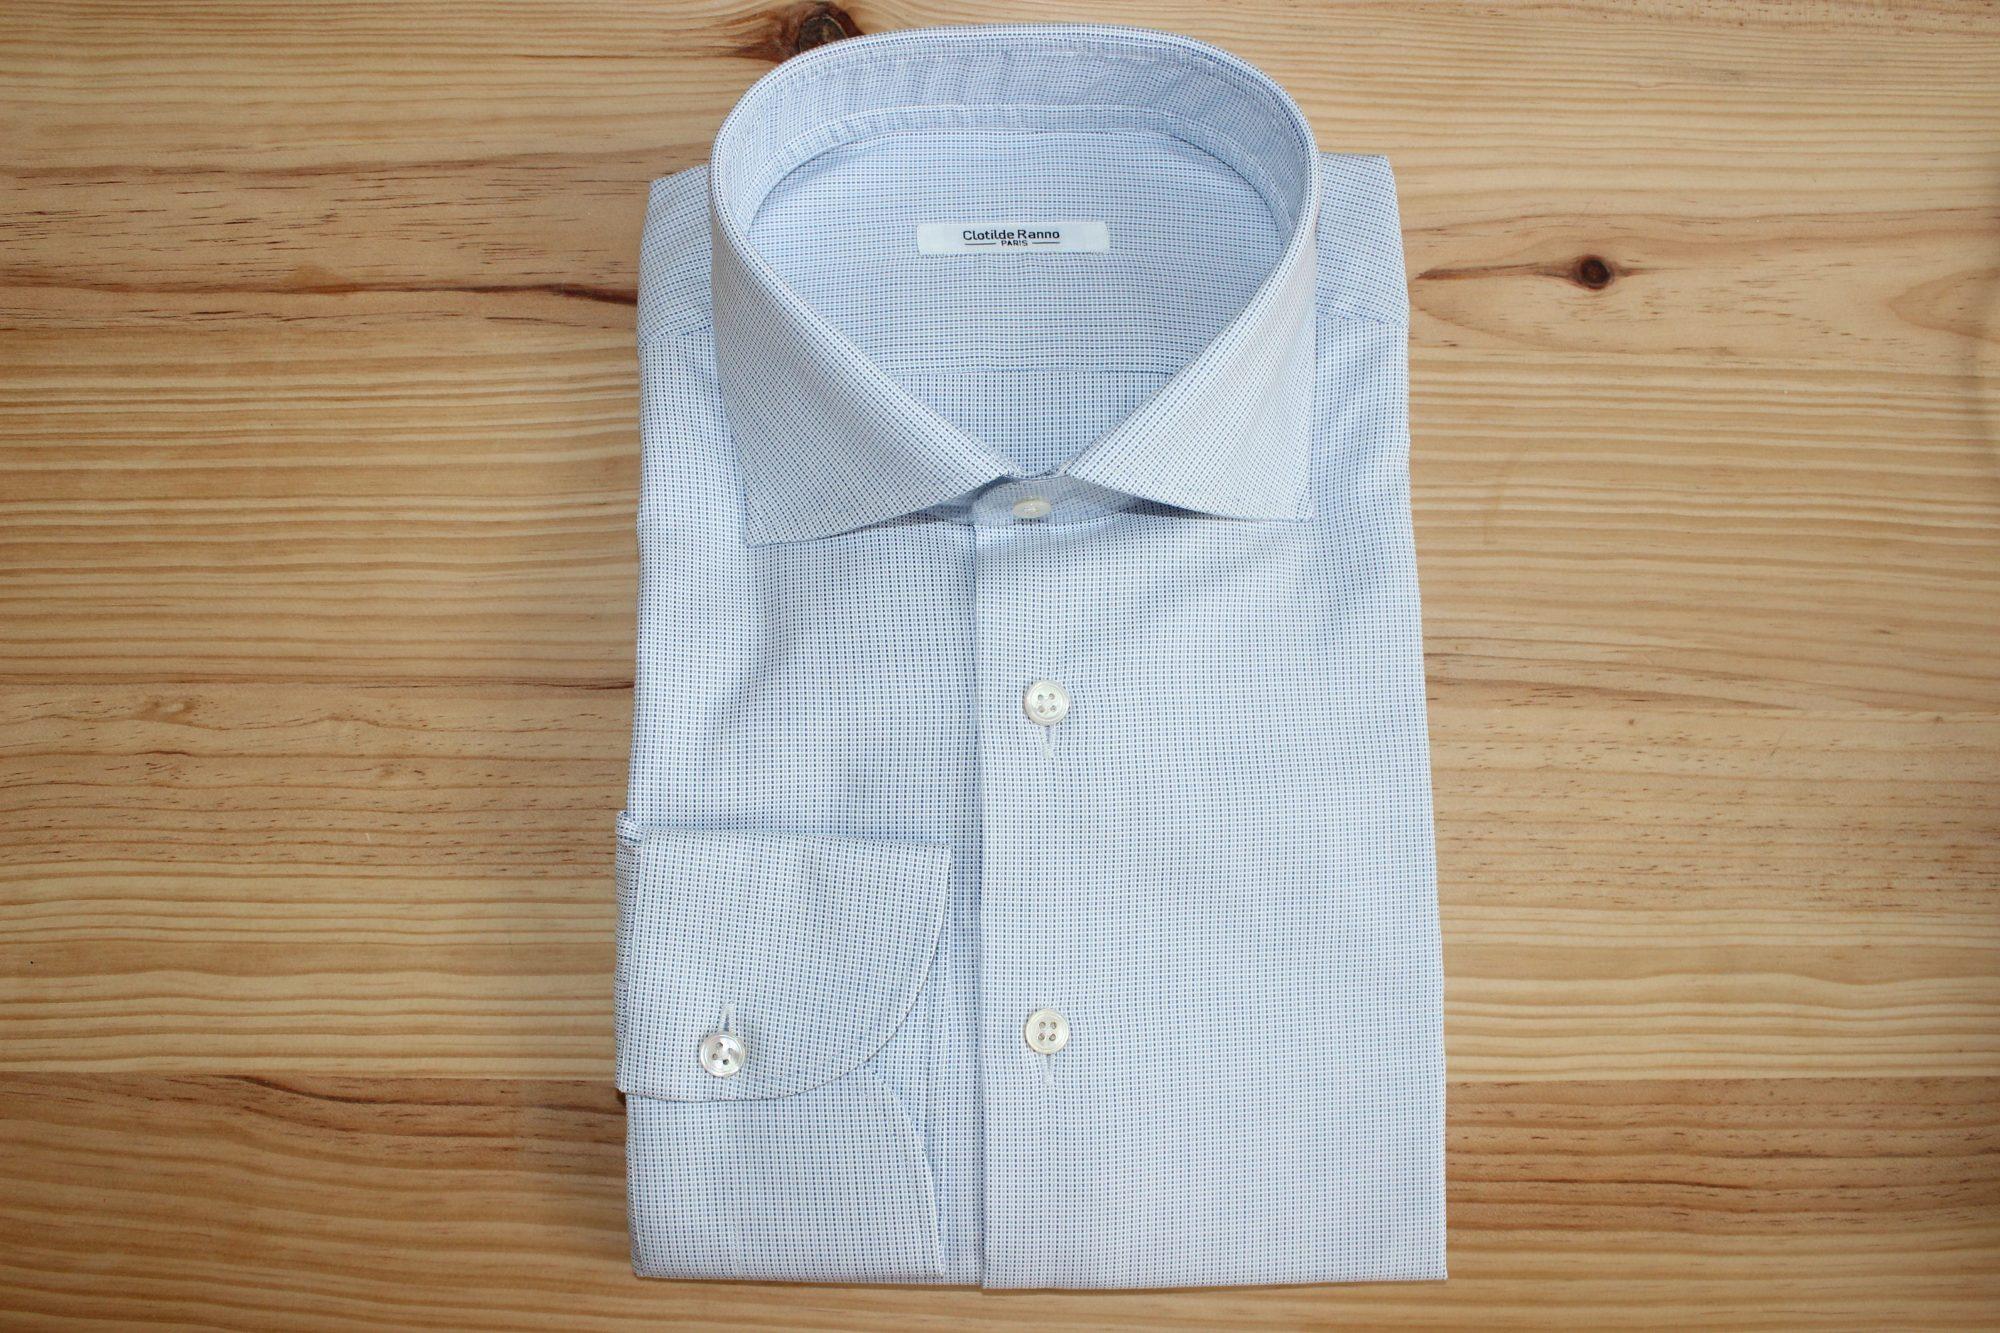 chemise business élégante sur mesure , chemise business élégante , chemise business